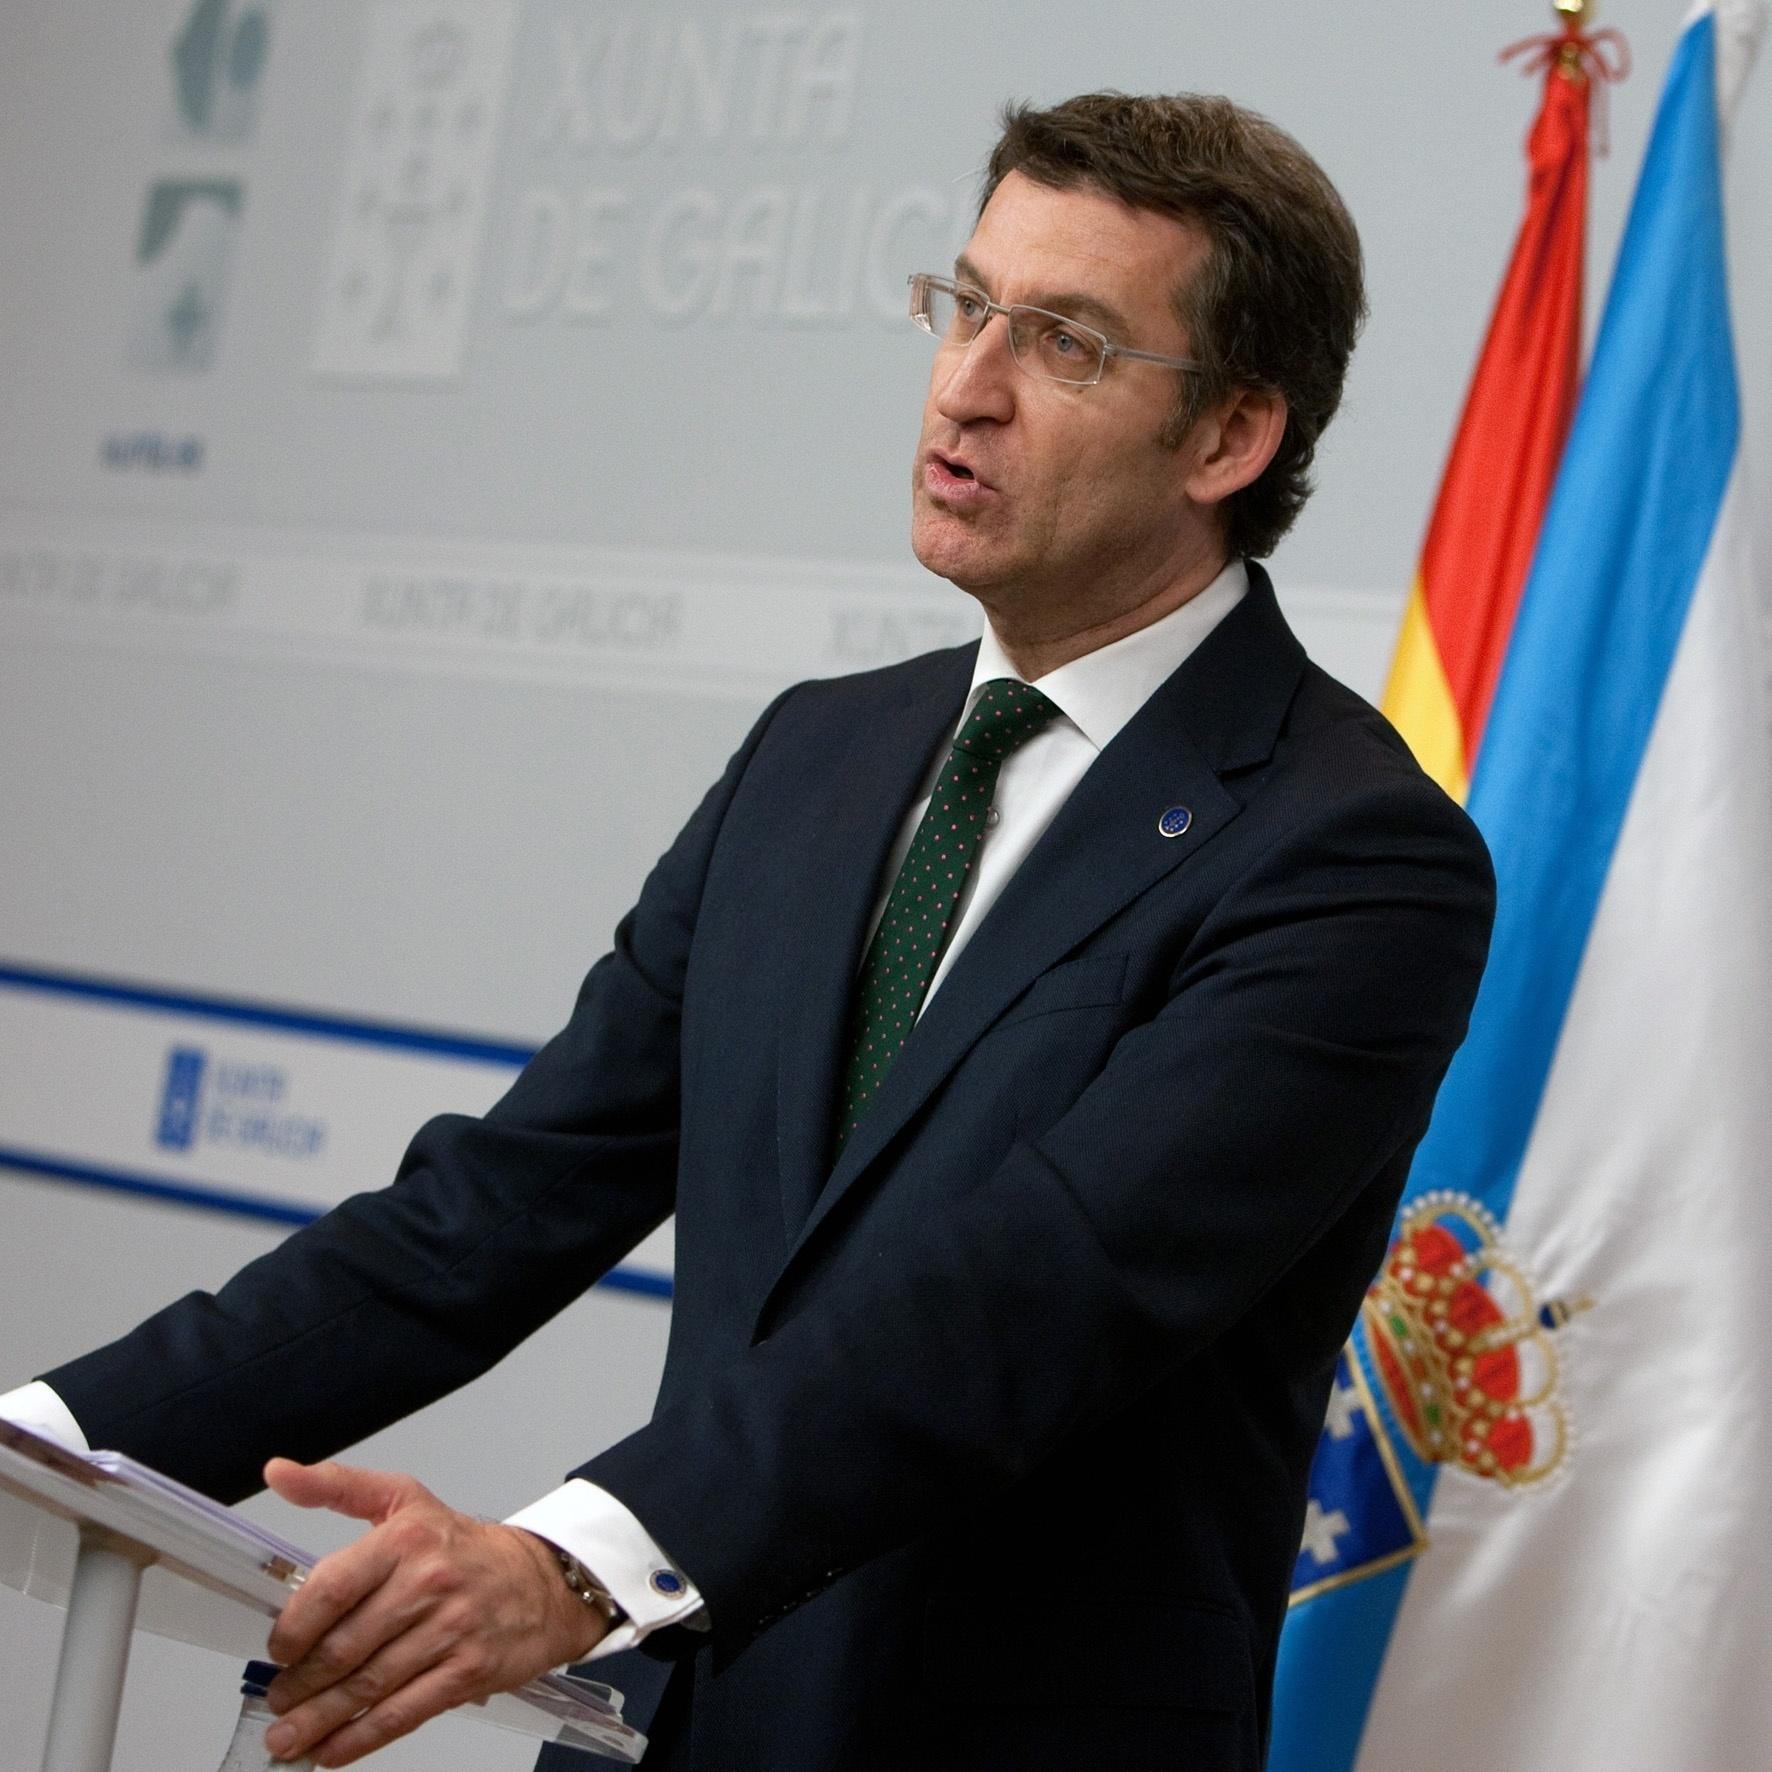 La Xunta trasladará su «opinión» al FROB y al Ministerio cuando se concreten las «opciones» de Novagalicia